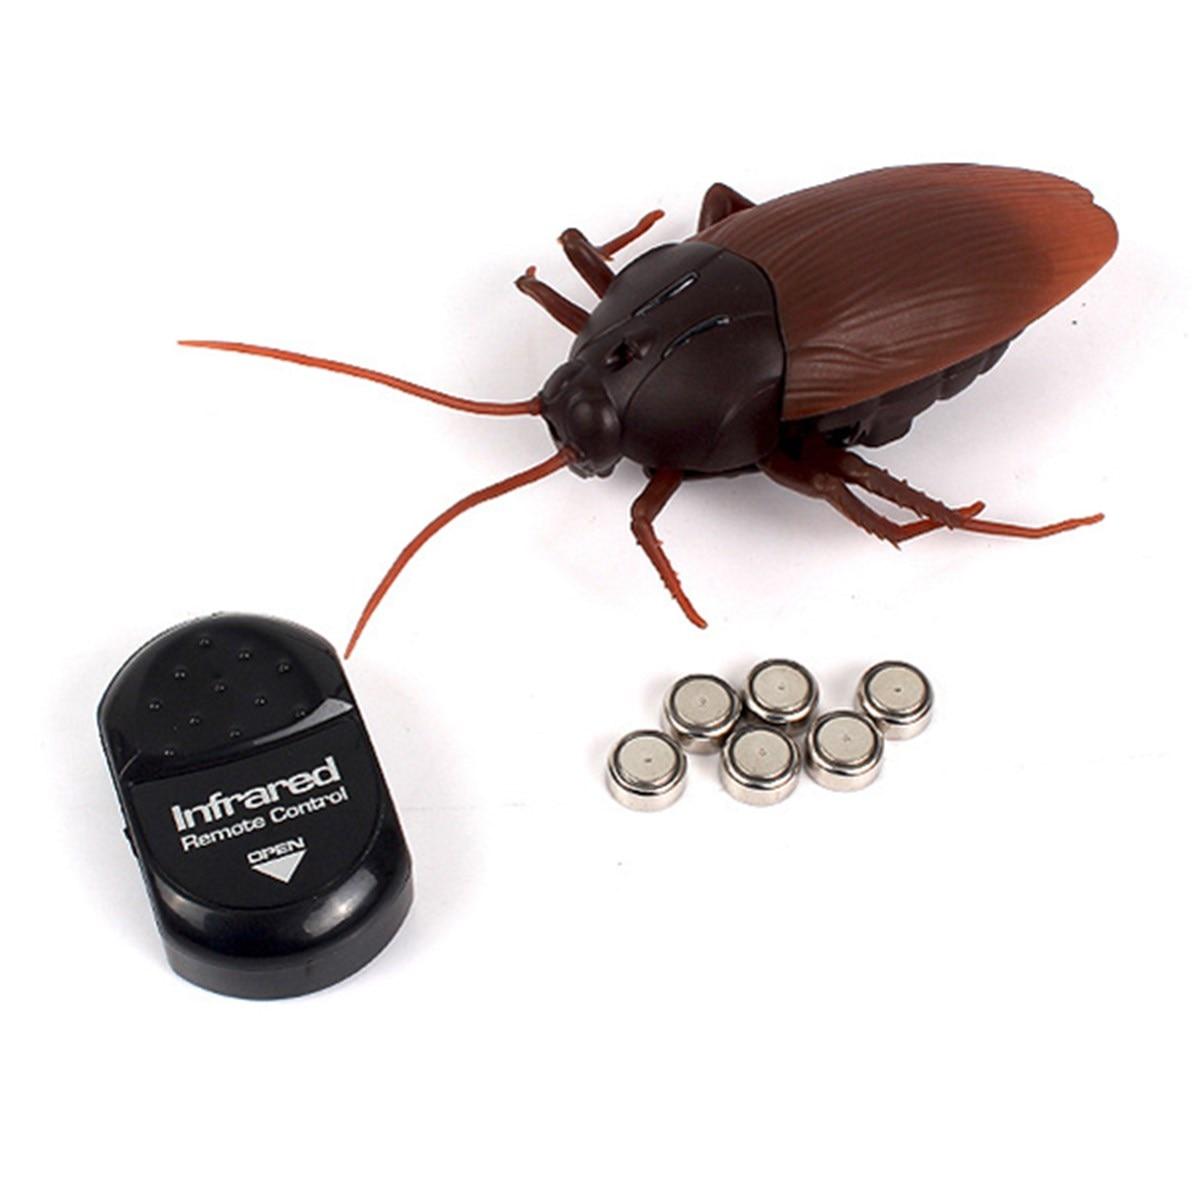 Lustige Simulation Infrarot RC Fernbedienung Scary Creepy Insekt Schabe Spielzeug Halloween Geschenk Für Kinder Junge Erwachsene